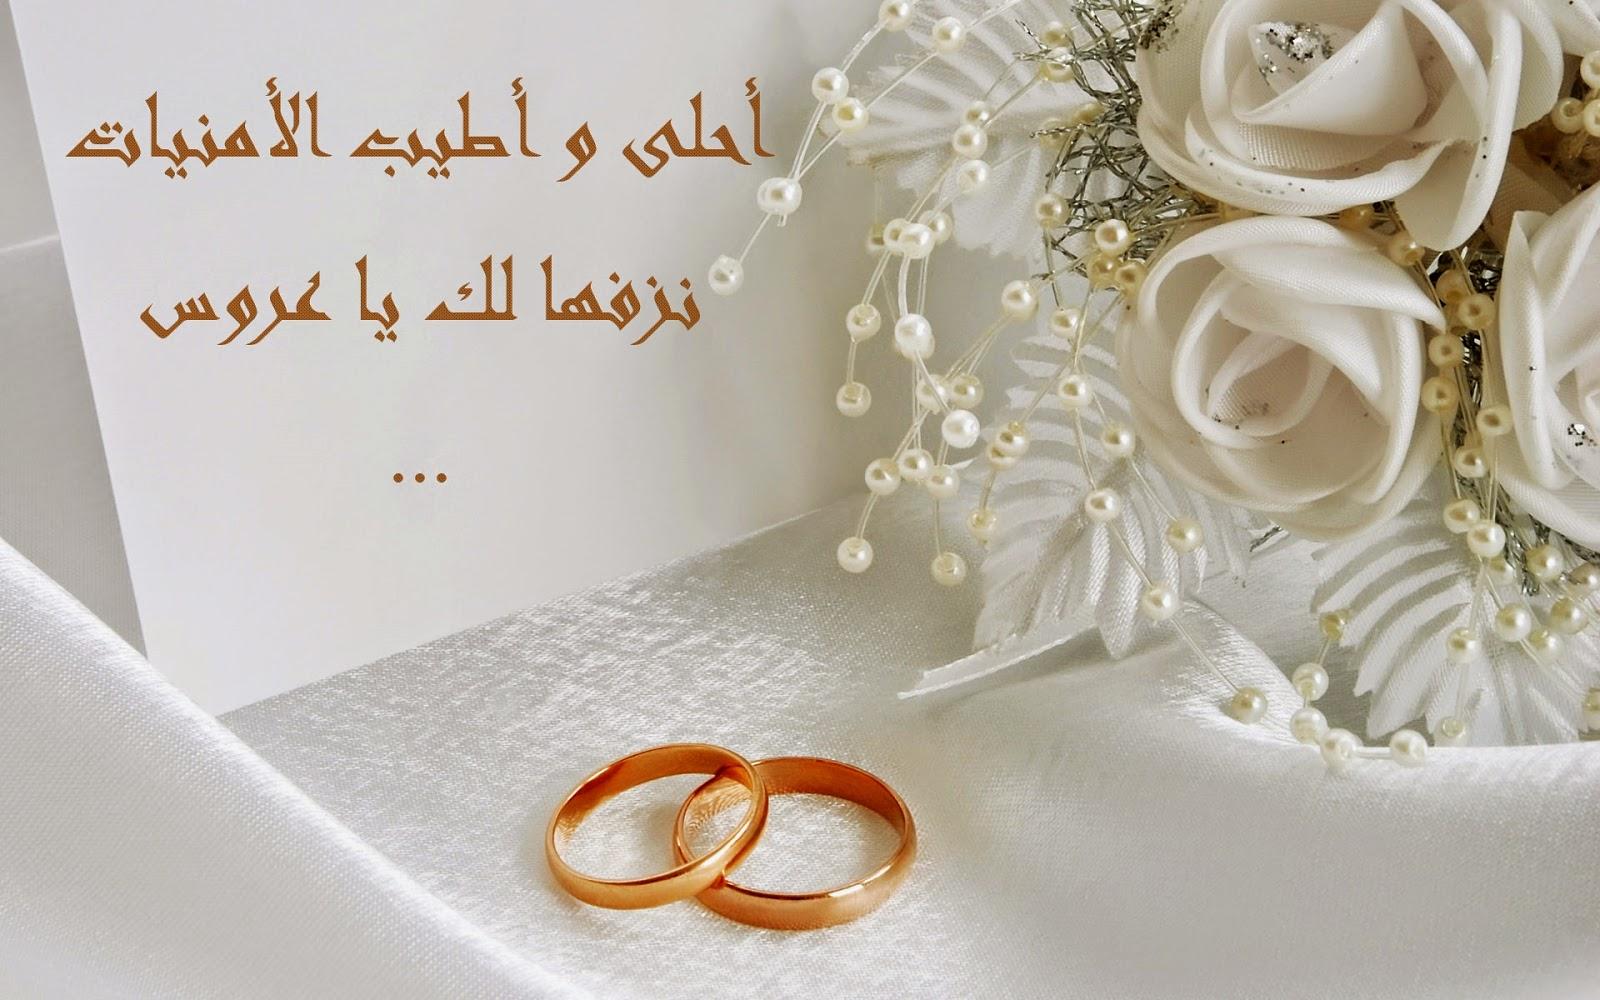 عبارات تهنئه للعروس قصيره شاهد اجمل عبارات تهنئه للعروس قصيره روح اطفال